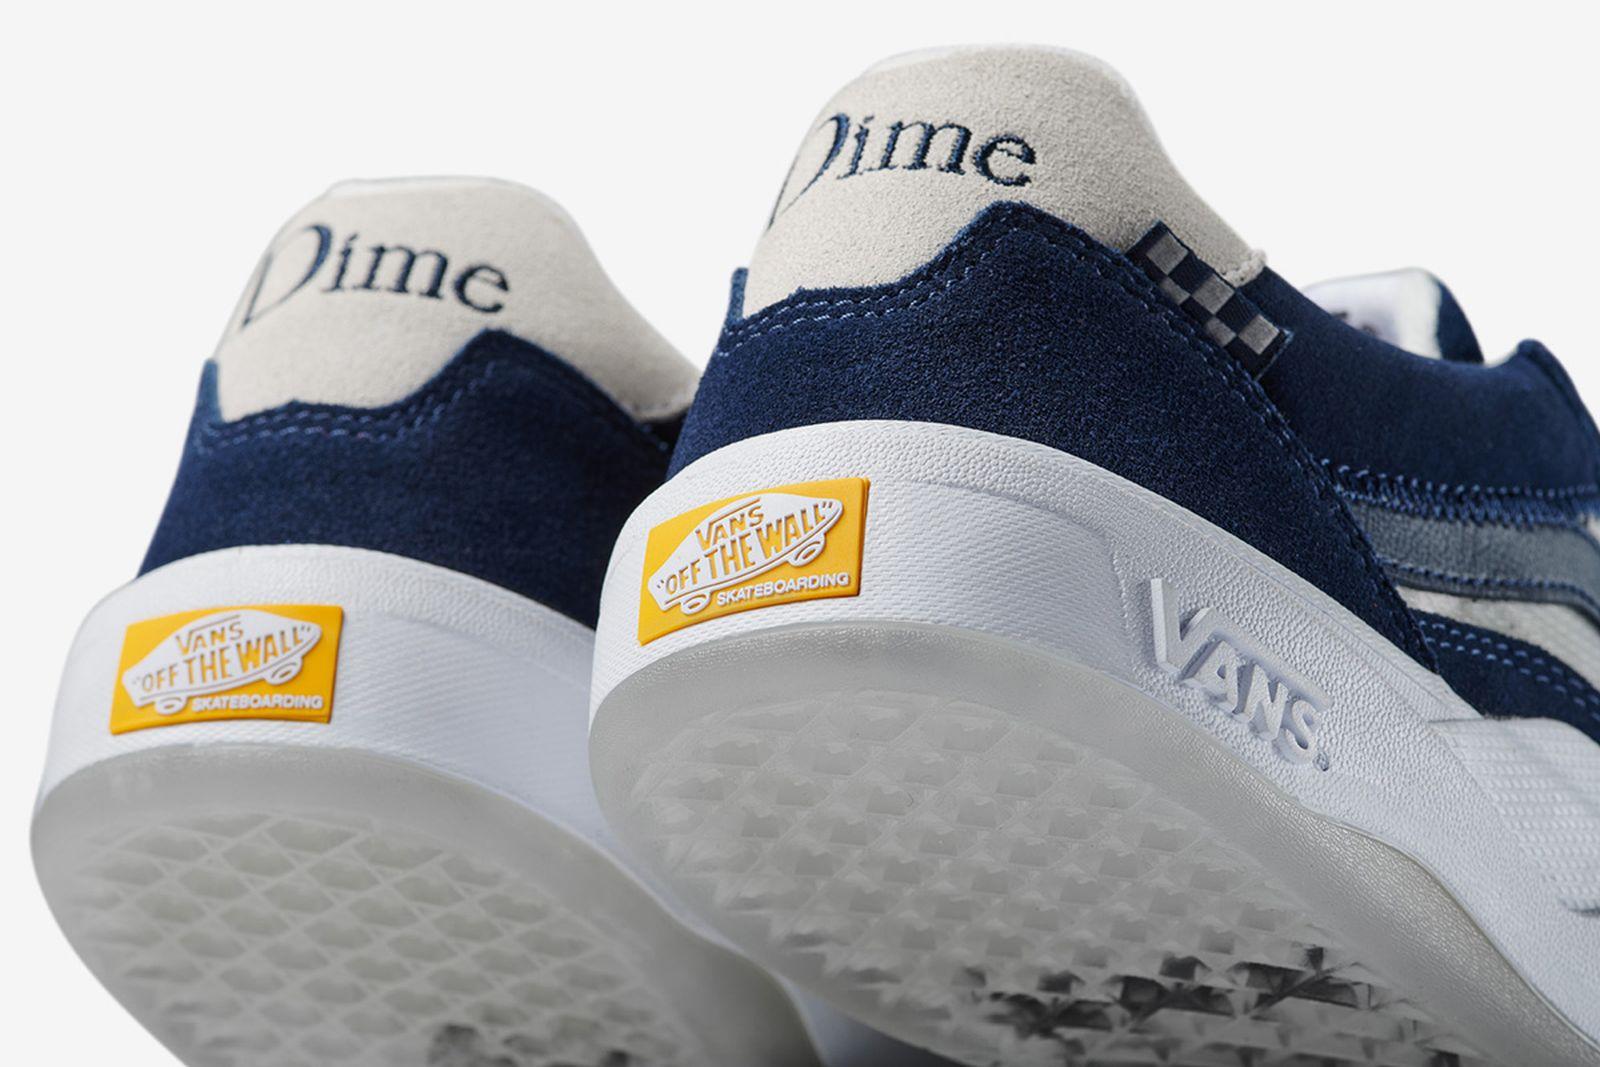 dime-vans-wayvee-release-date-price-08